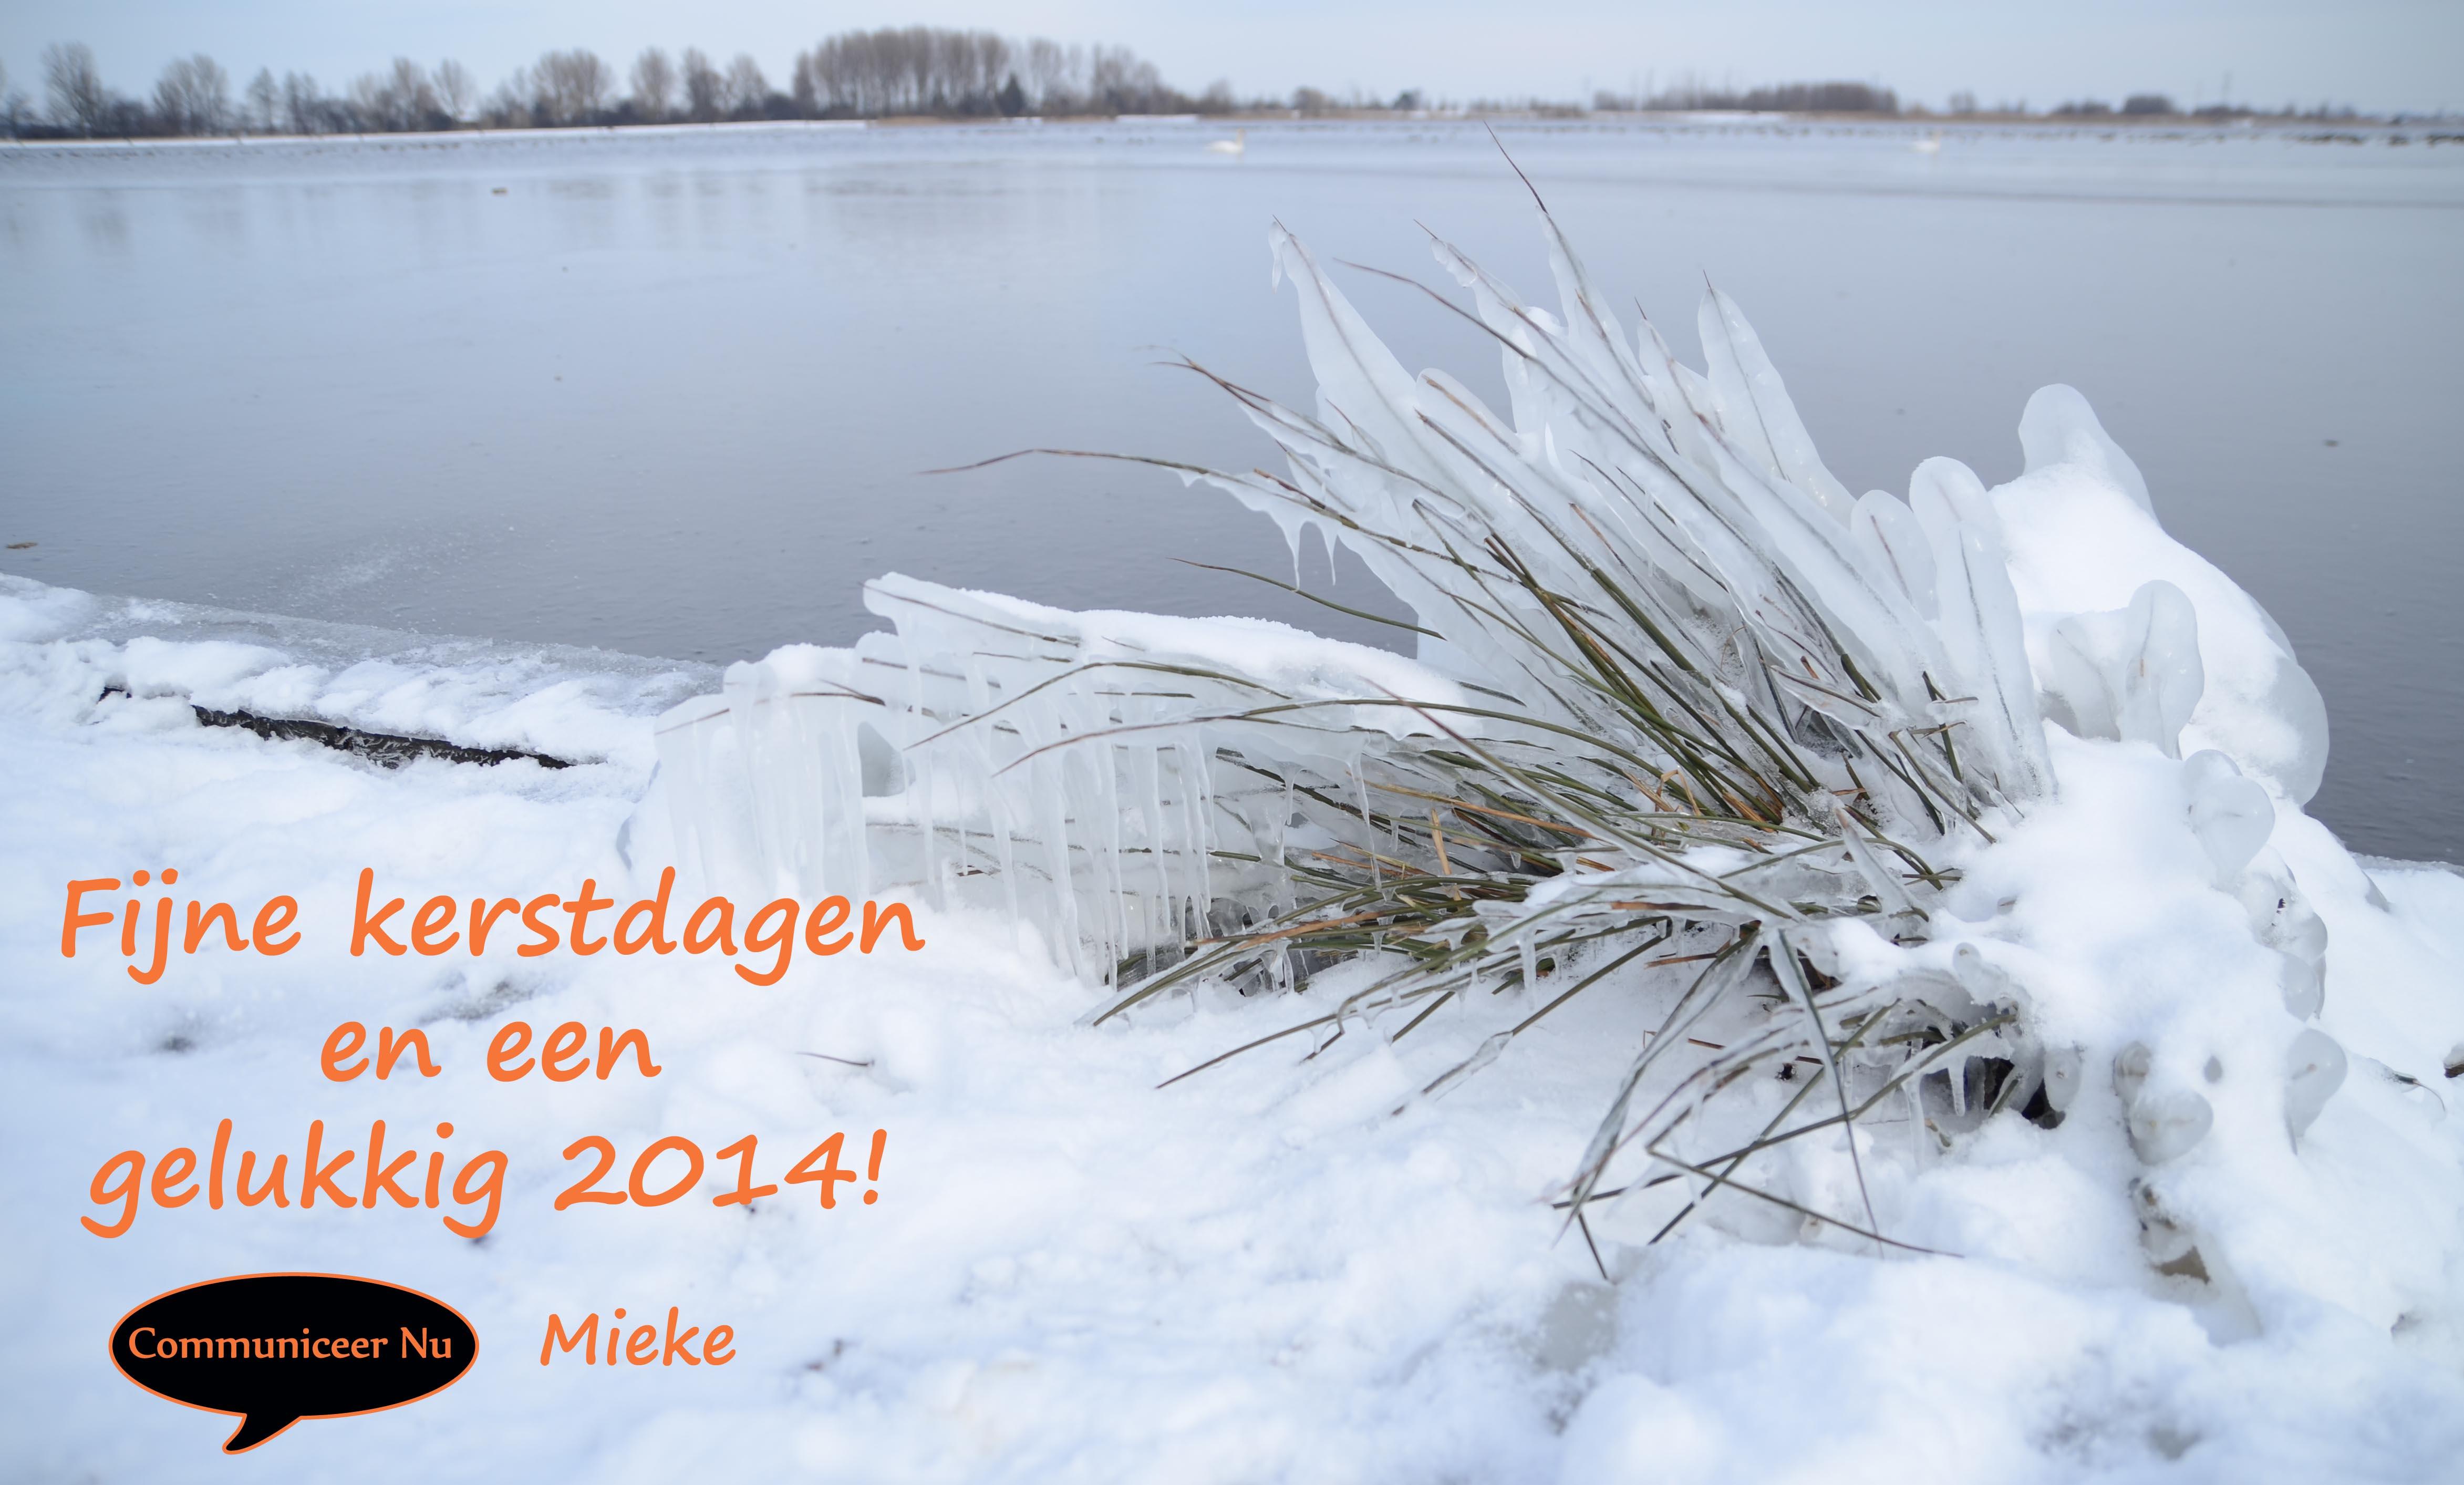 Kerstwens 2013